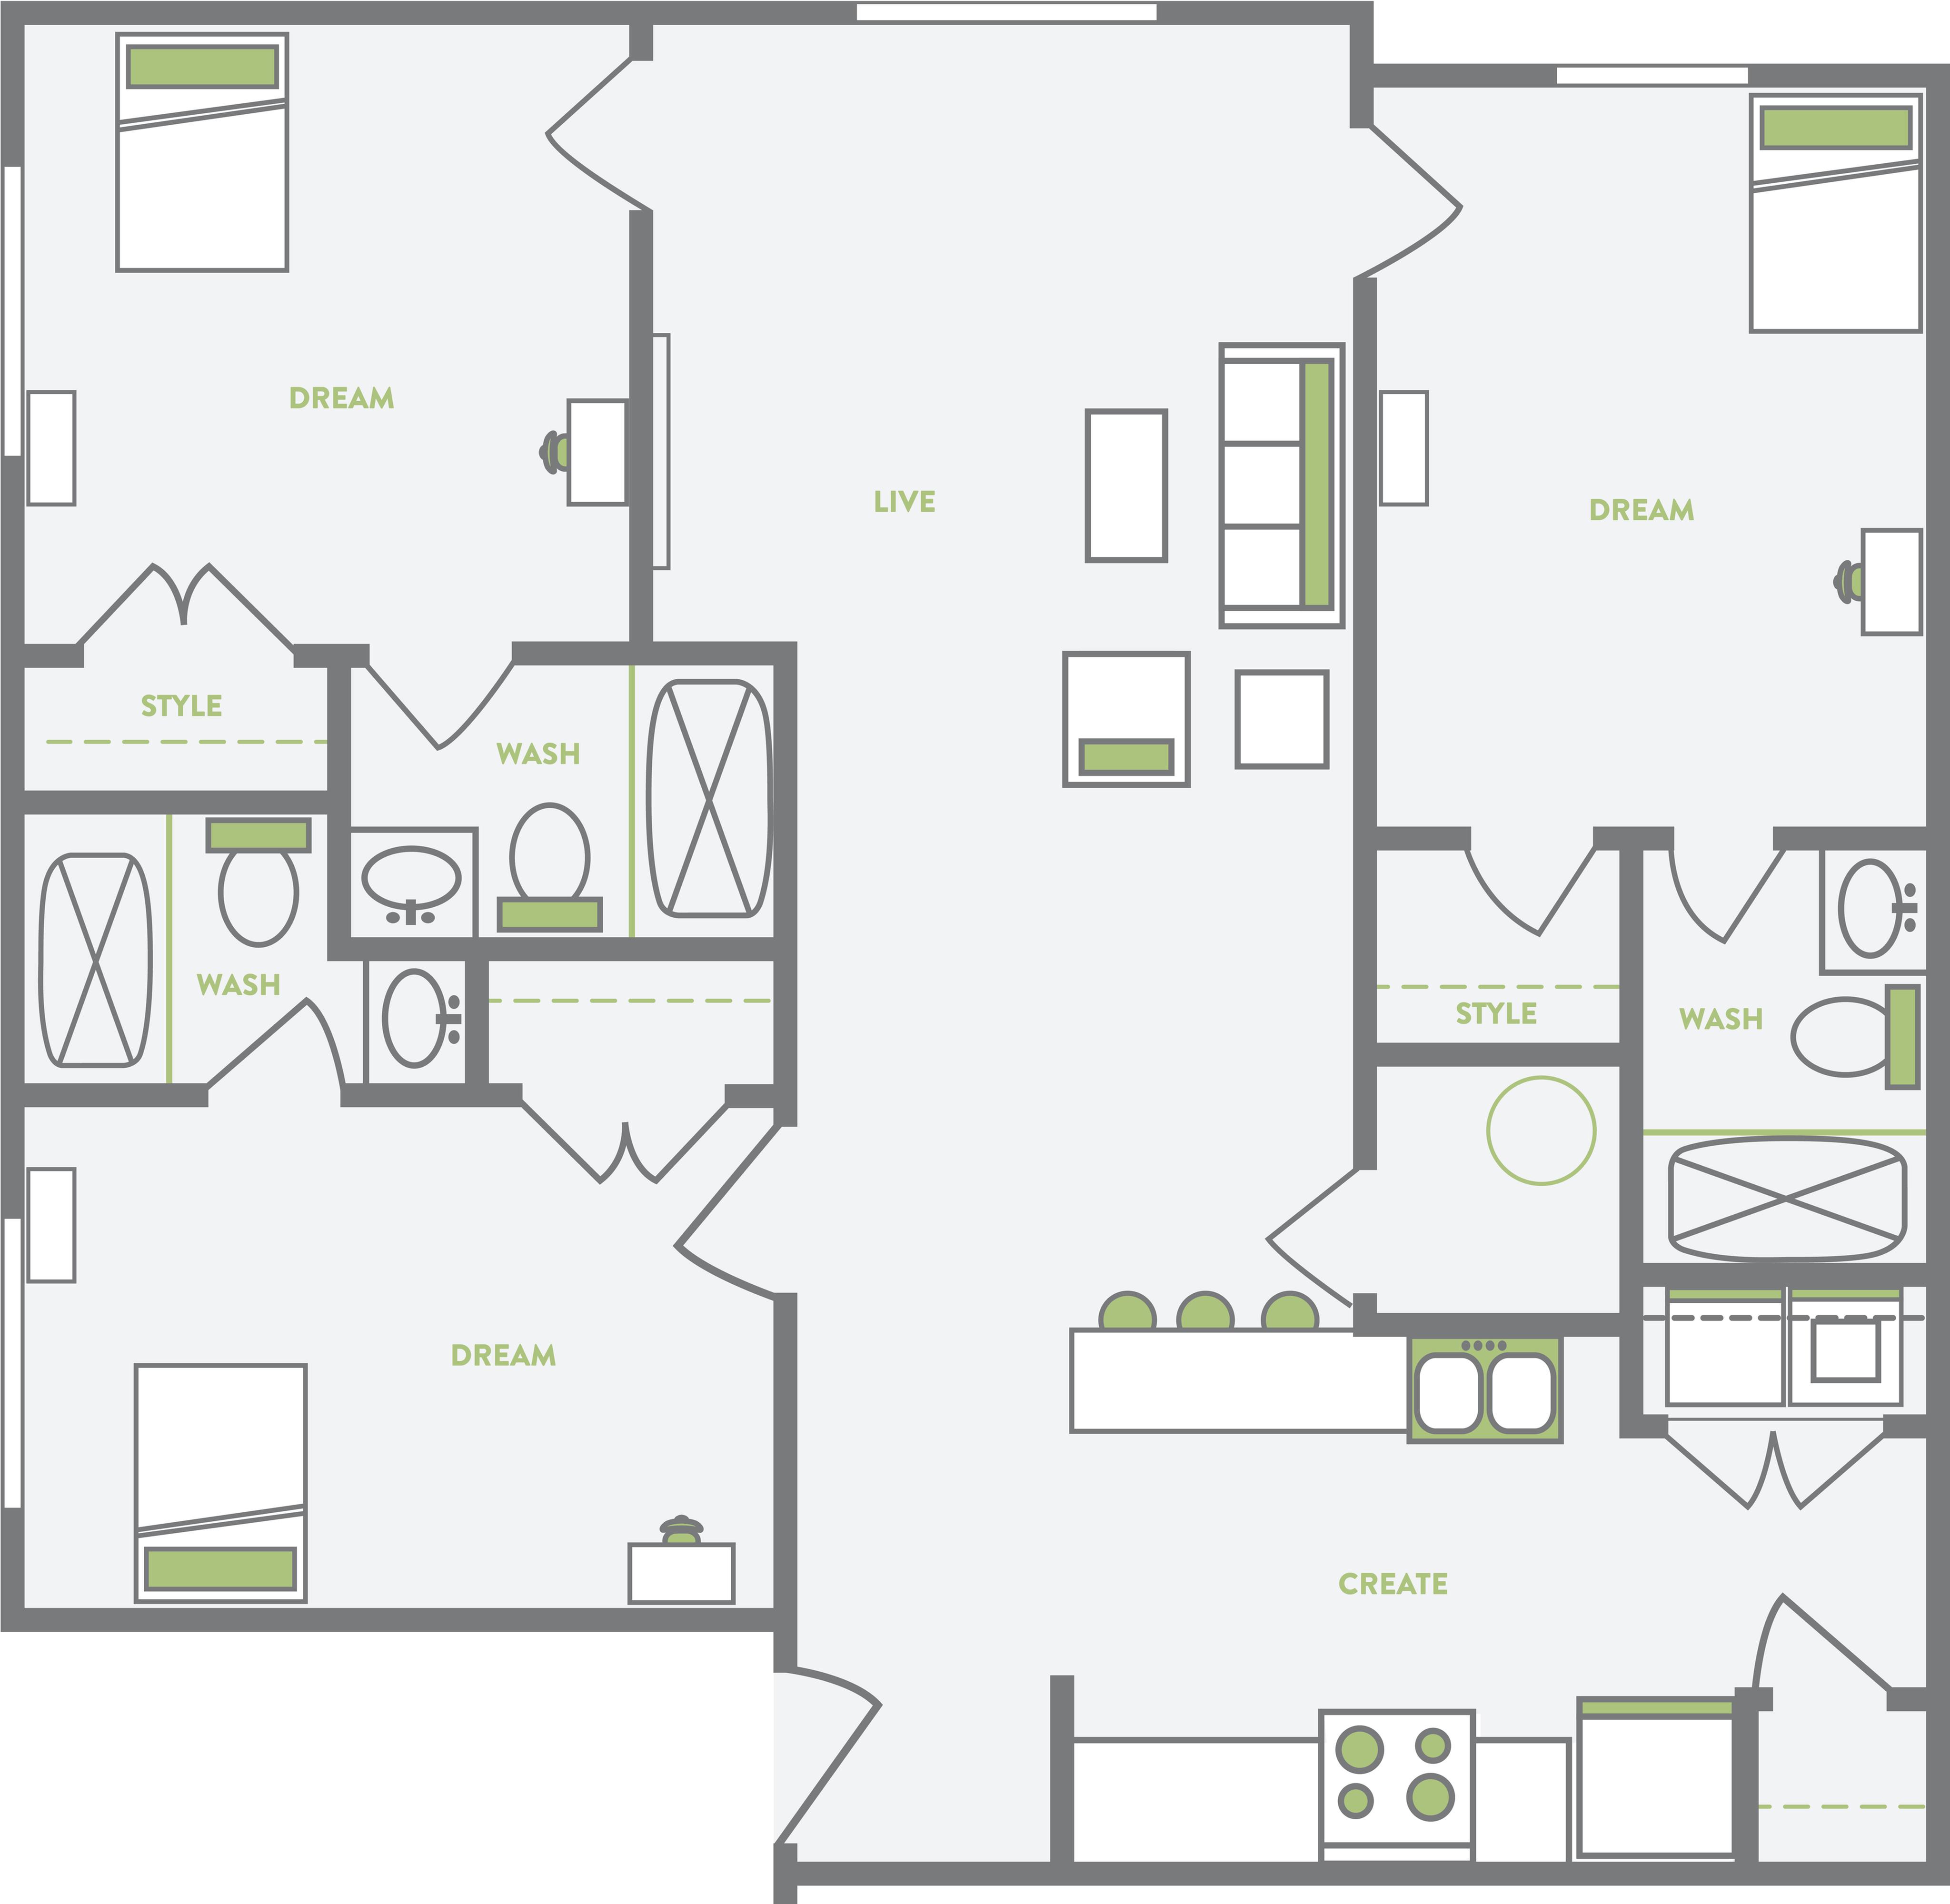 Spring Garden Student Quarters 3 bedroom